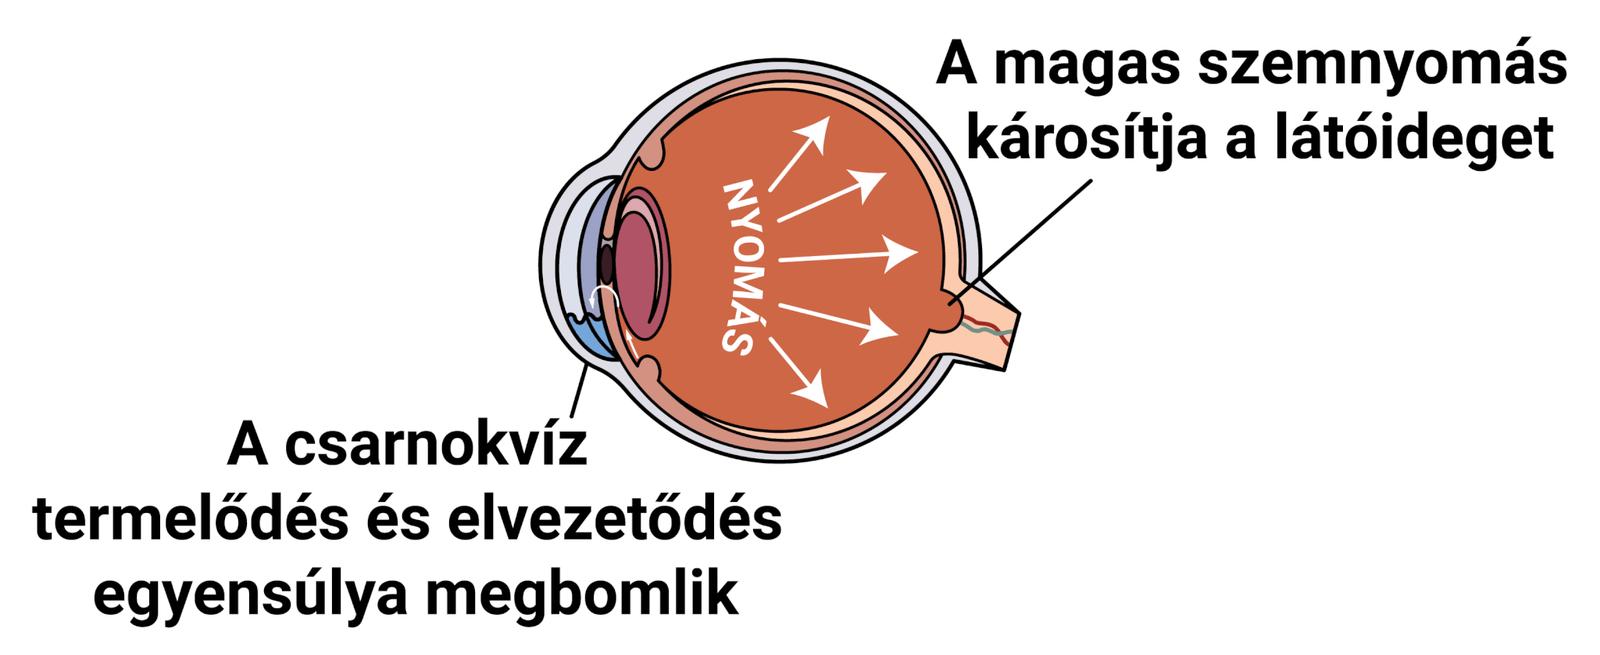 Hogyan befolyásolja a lézer a látást?